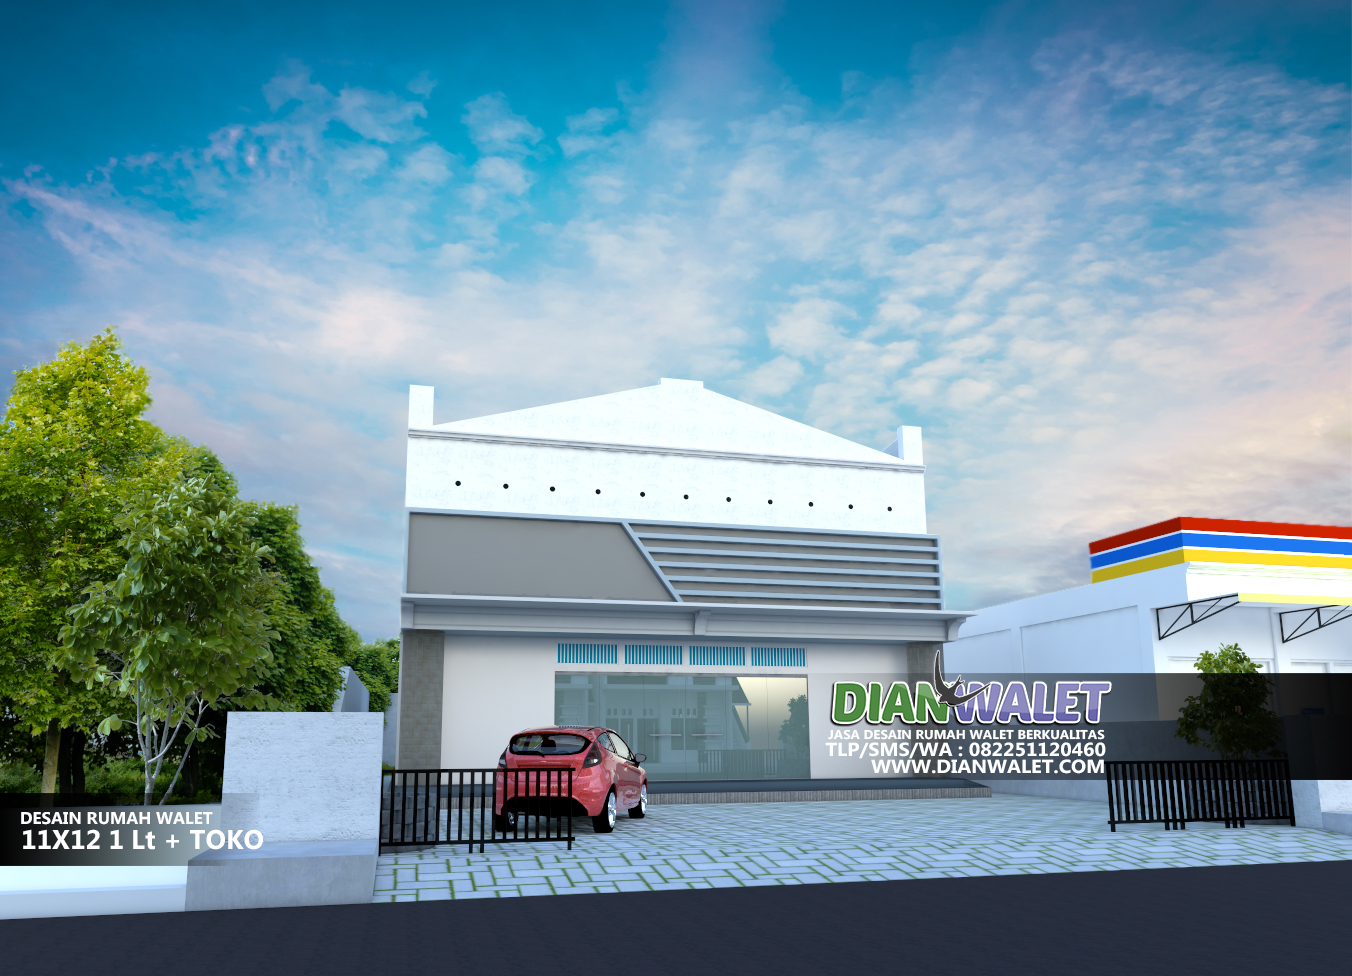 6400 Foto Desain Rumah Tingkat Bawah Toko Paling Keren Download